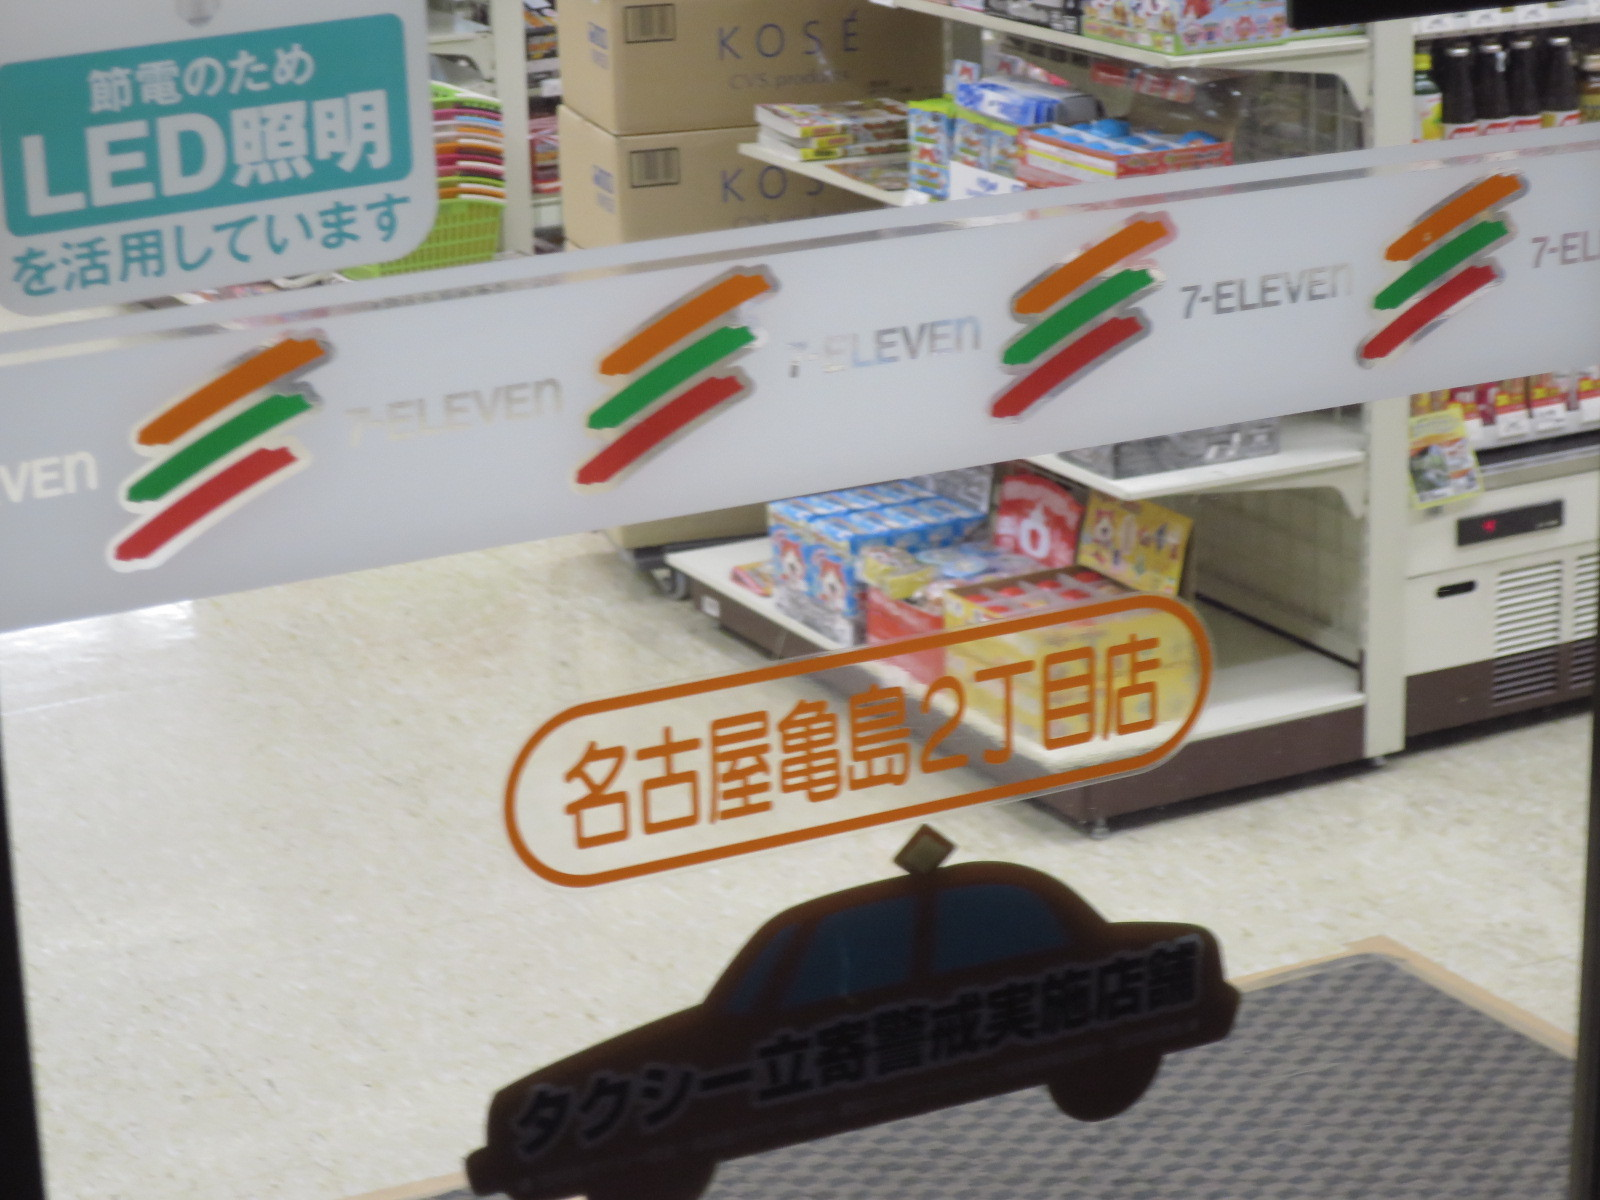 セブンイレブン 名古屋亀島2丁目店